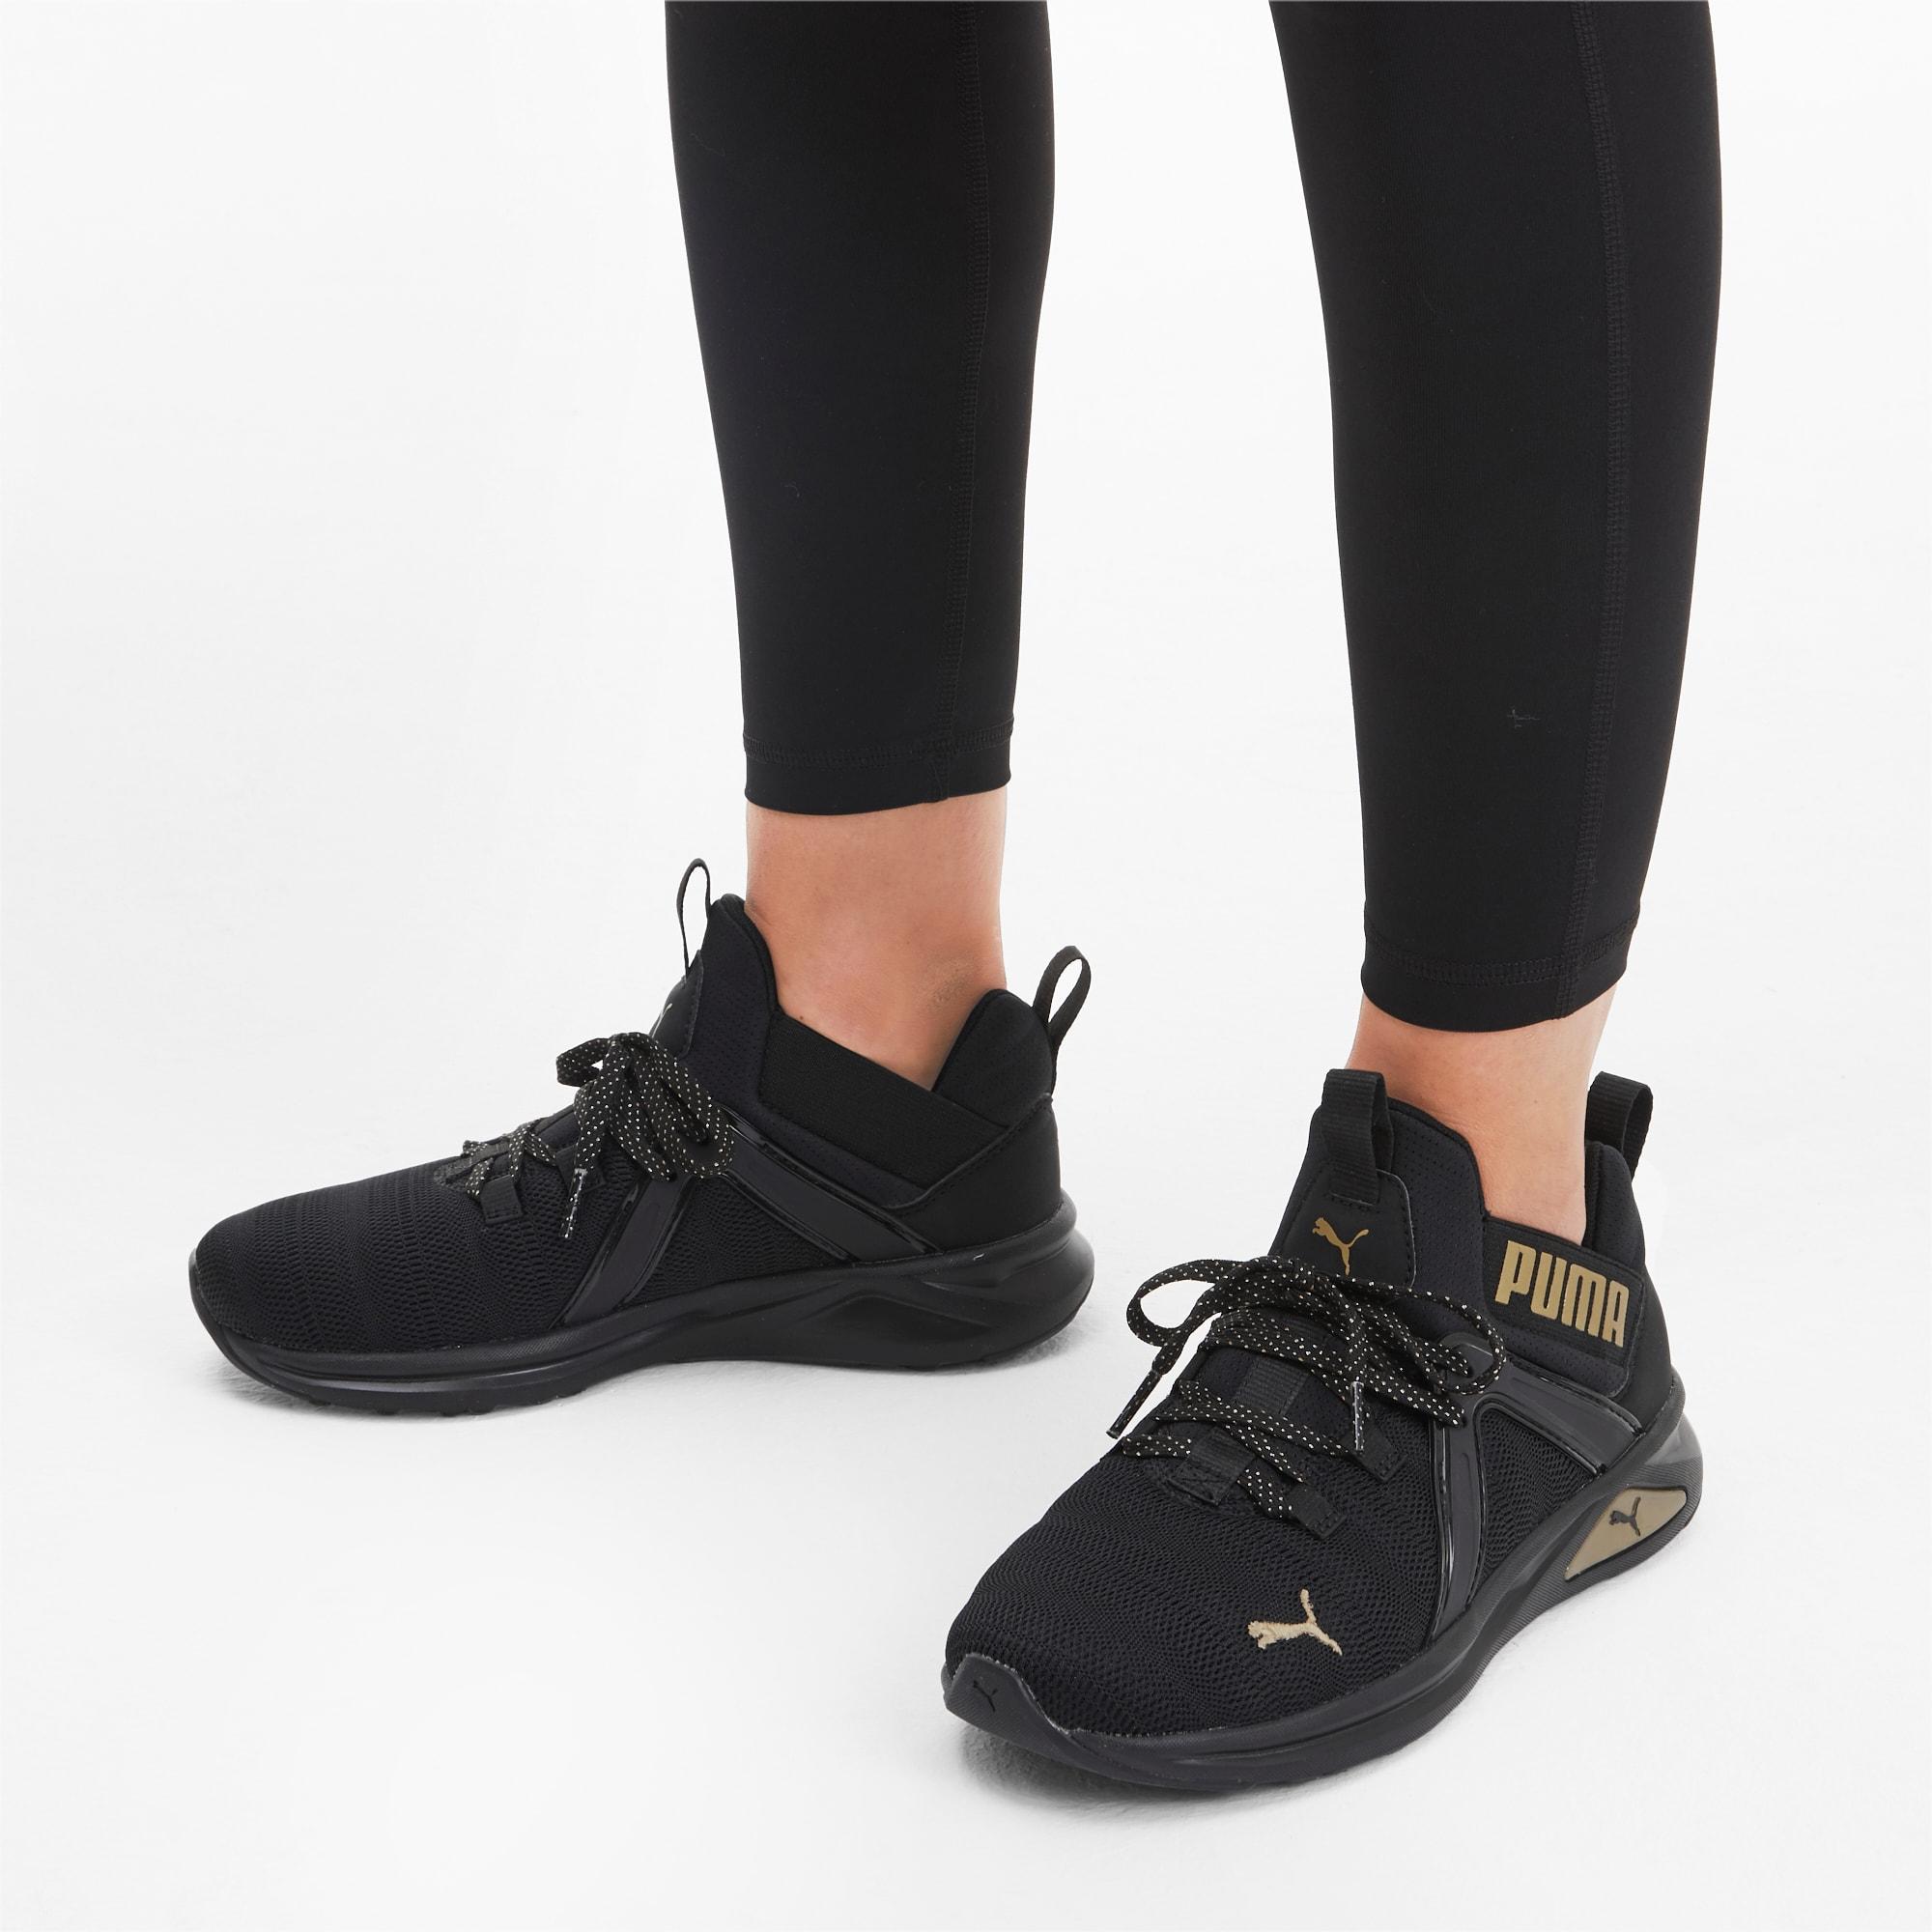 scarpe puma enzo mesch donna